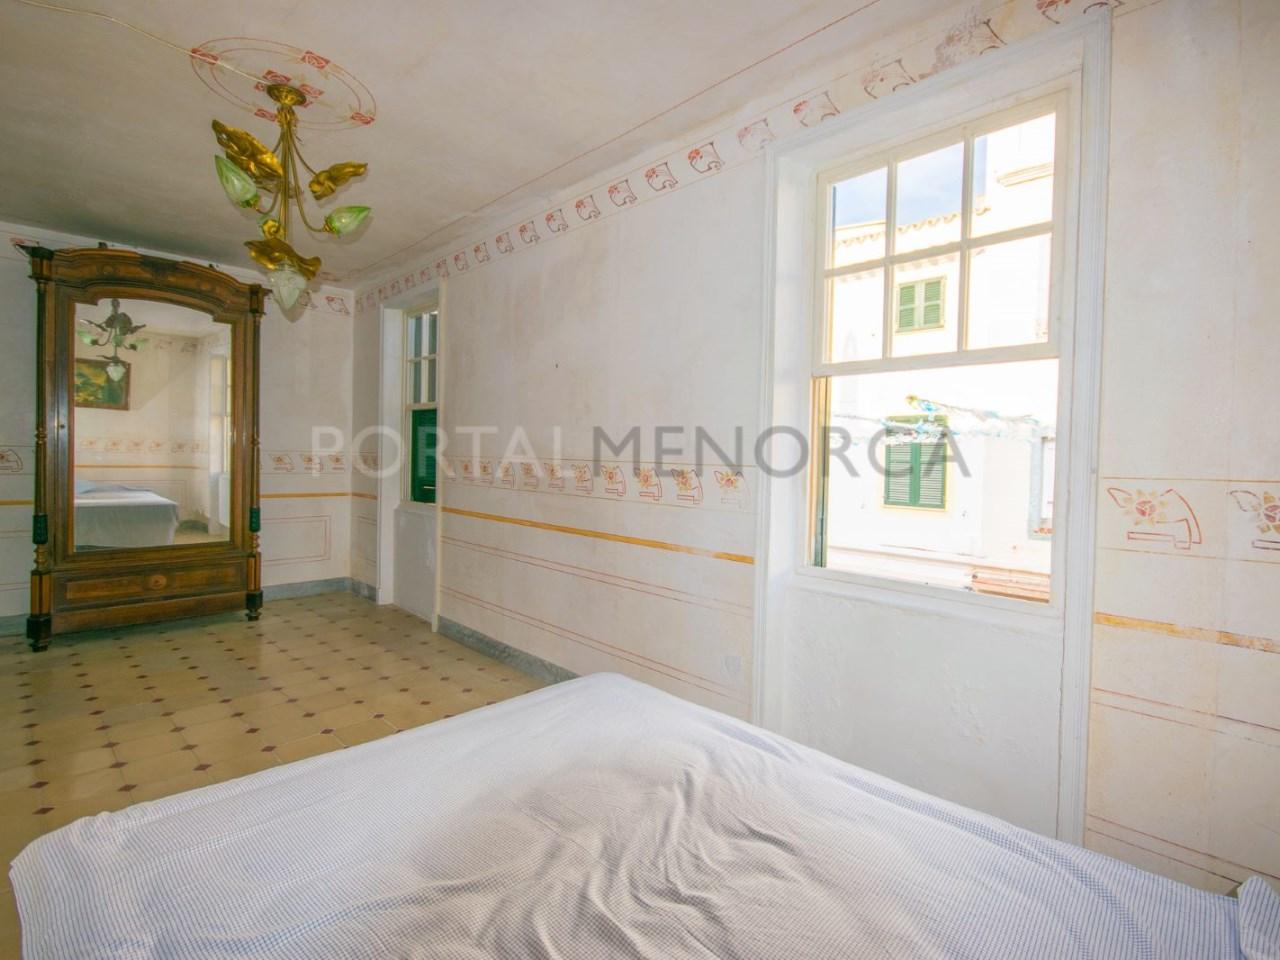 Grandes ventanas en el dormitorio principal